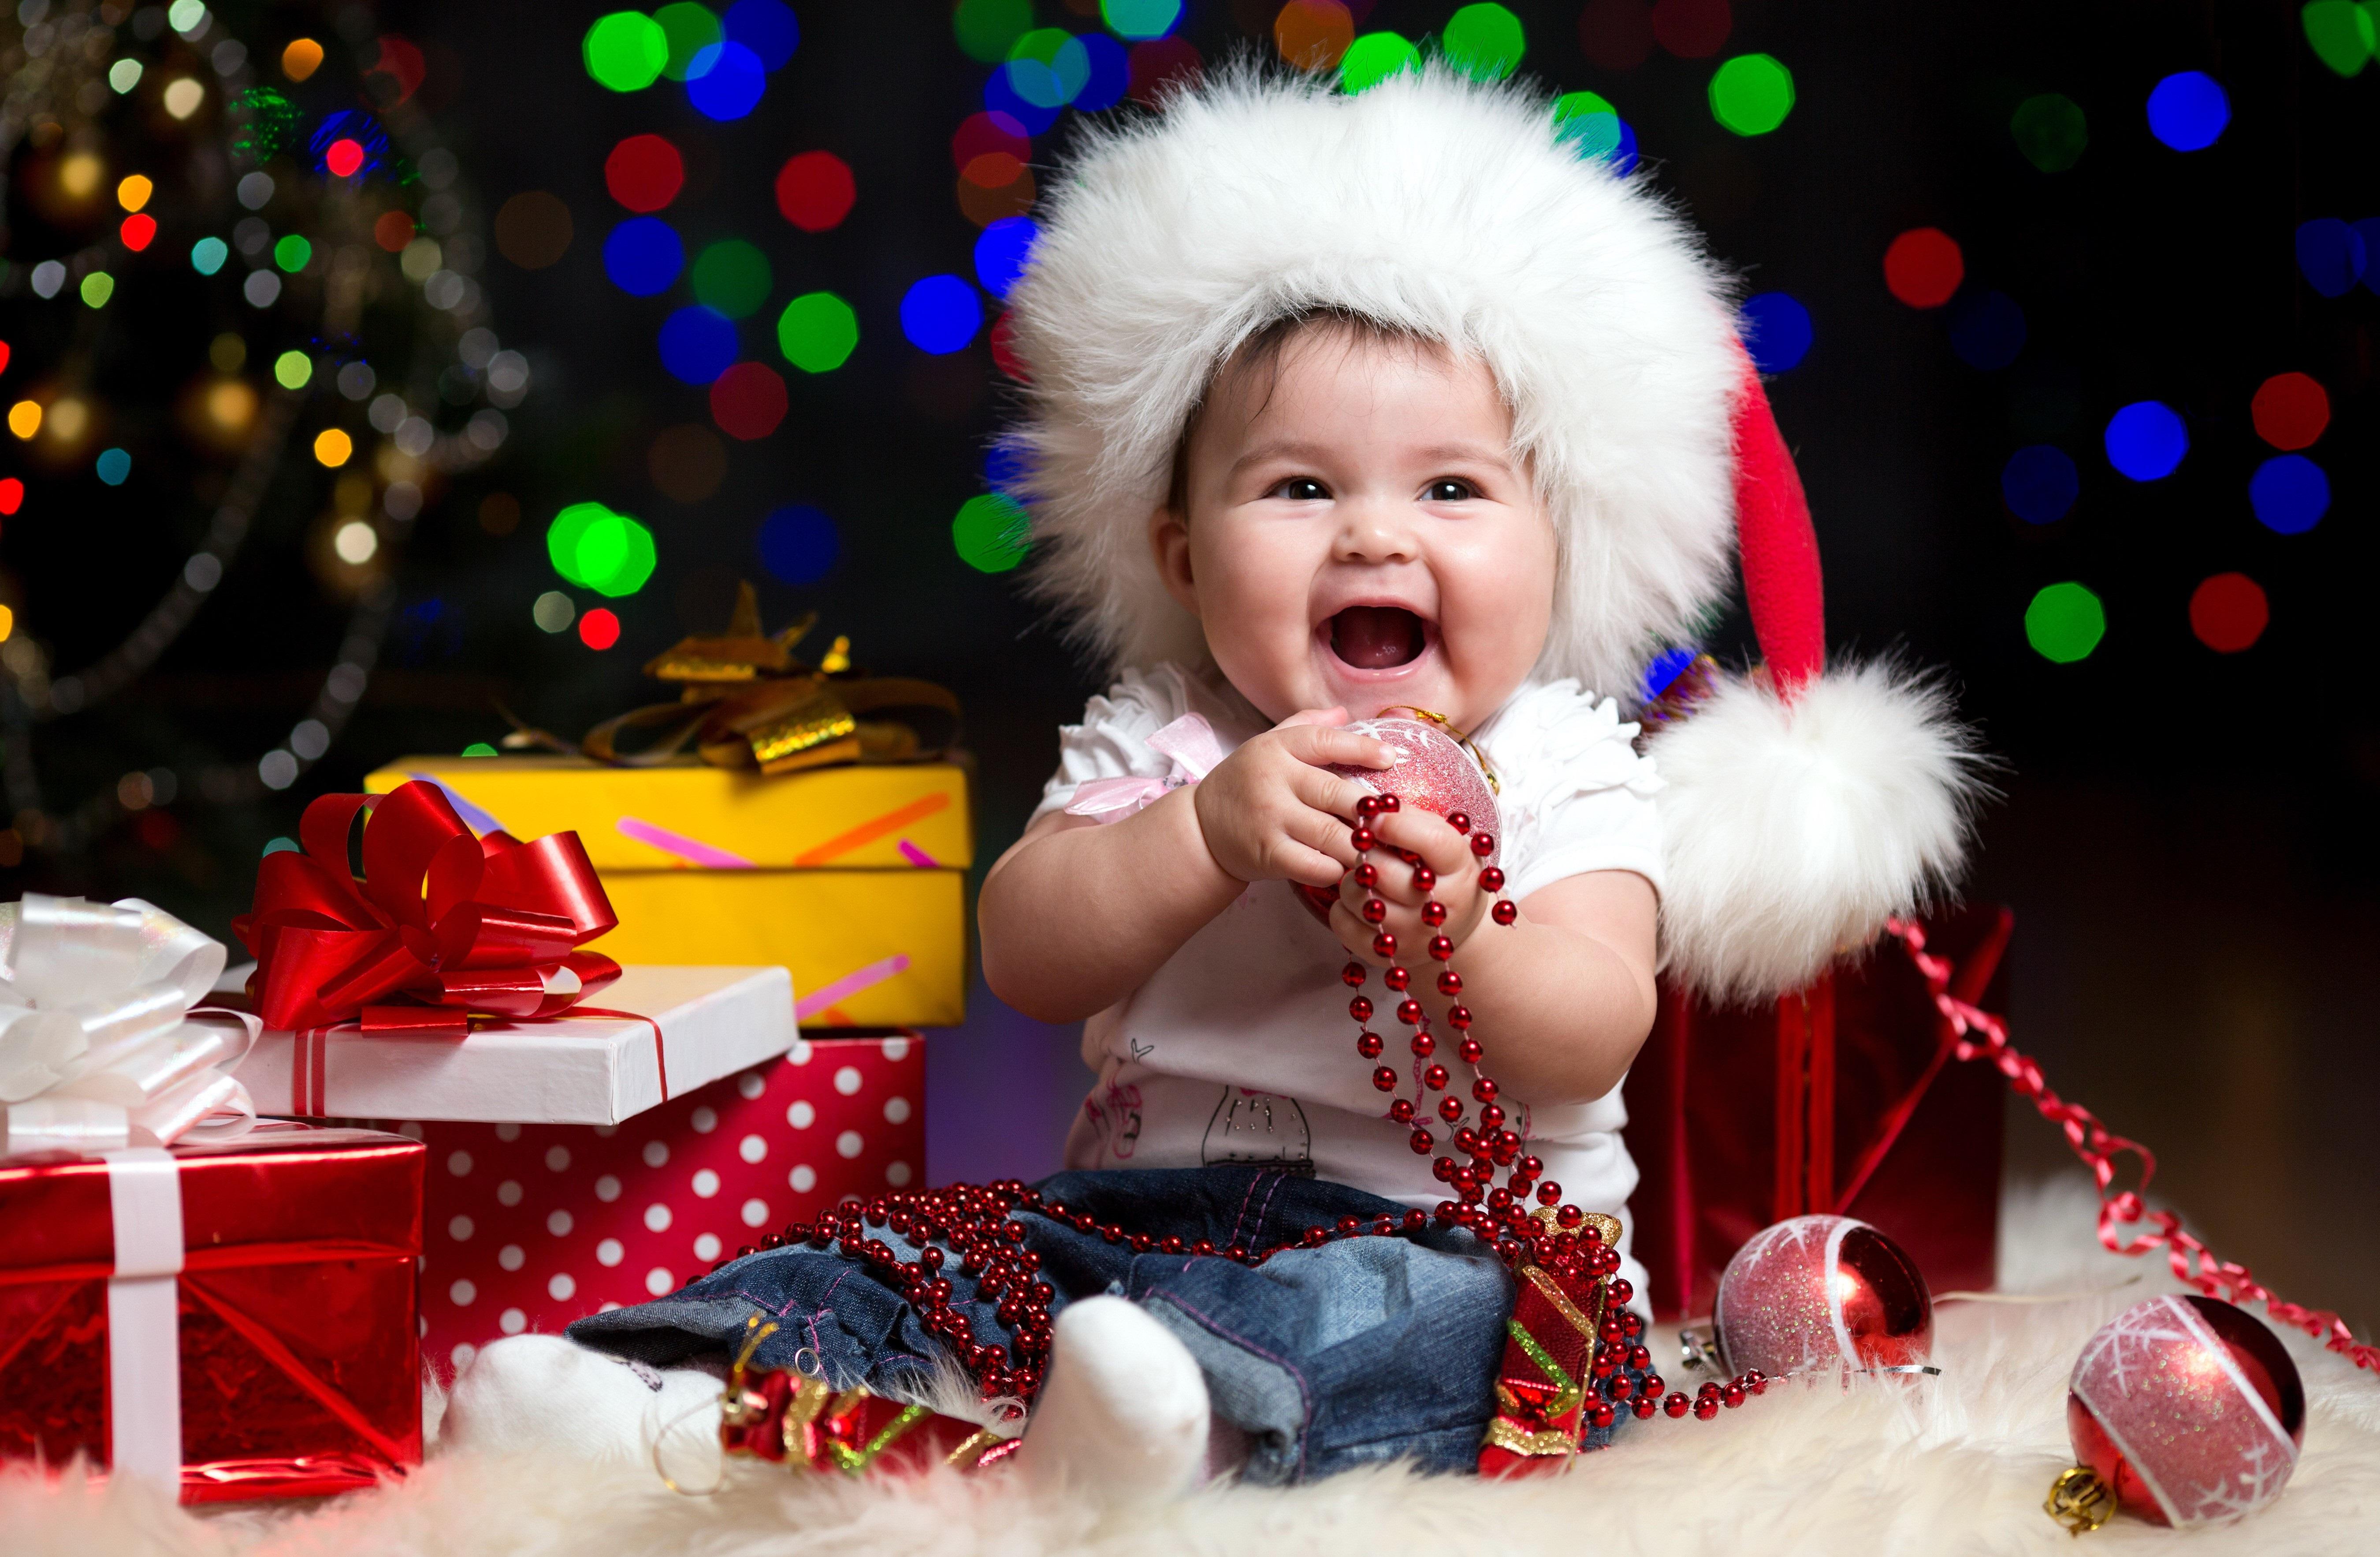 Фотография грудной ребёнок Рождество Радость Дети Шапки подарков бант Сидит Шарики 5400x3533 младенца младенец Младенцы Новый год счастье радостная радостный счастливые счастливая счастливый ребёнок шапка в шапке Подарки подарок Шар сидя Бантик сидящие бантики